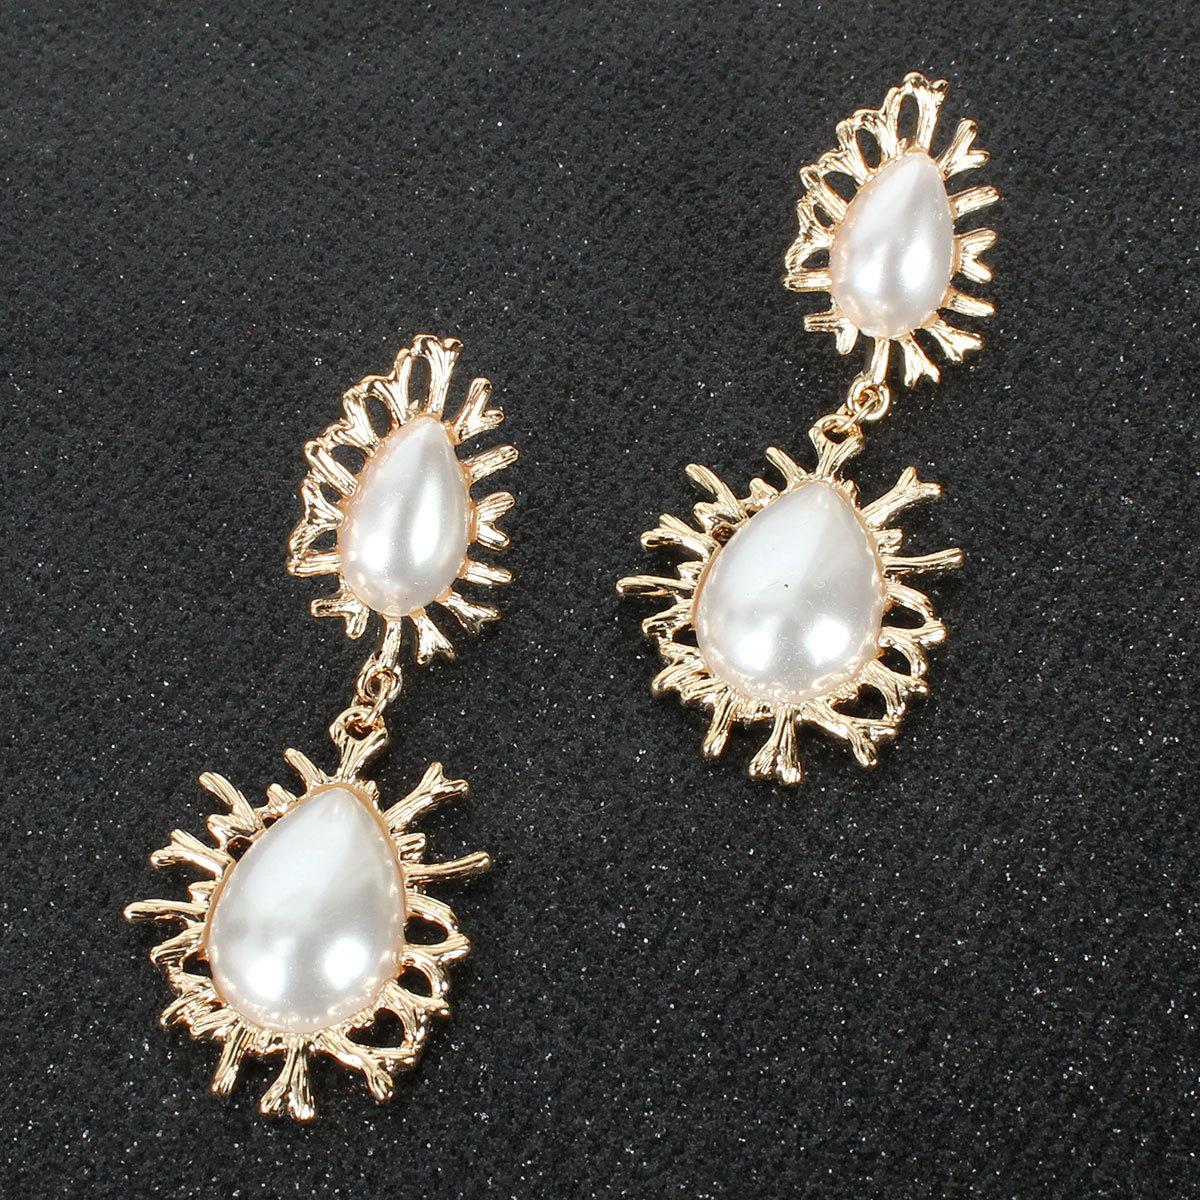 Earrings fashion imitation pearl drop earrings earrings women NHCT183776